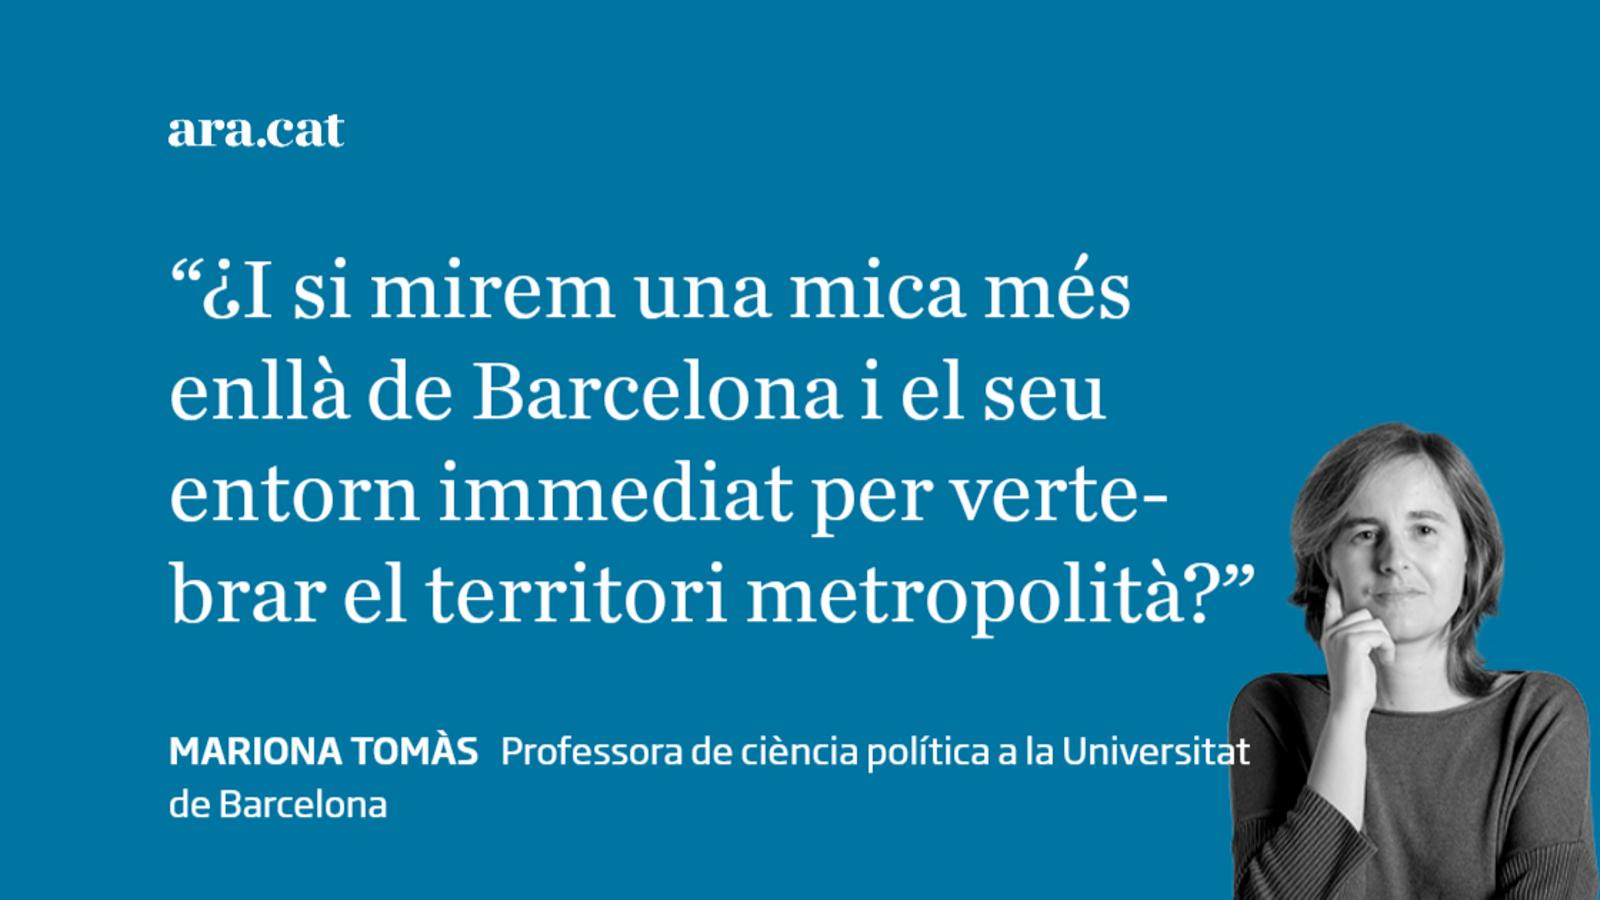 Quina Barcelona per al 2050?